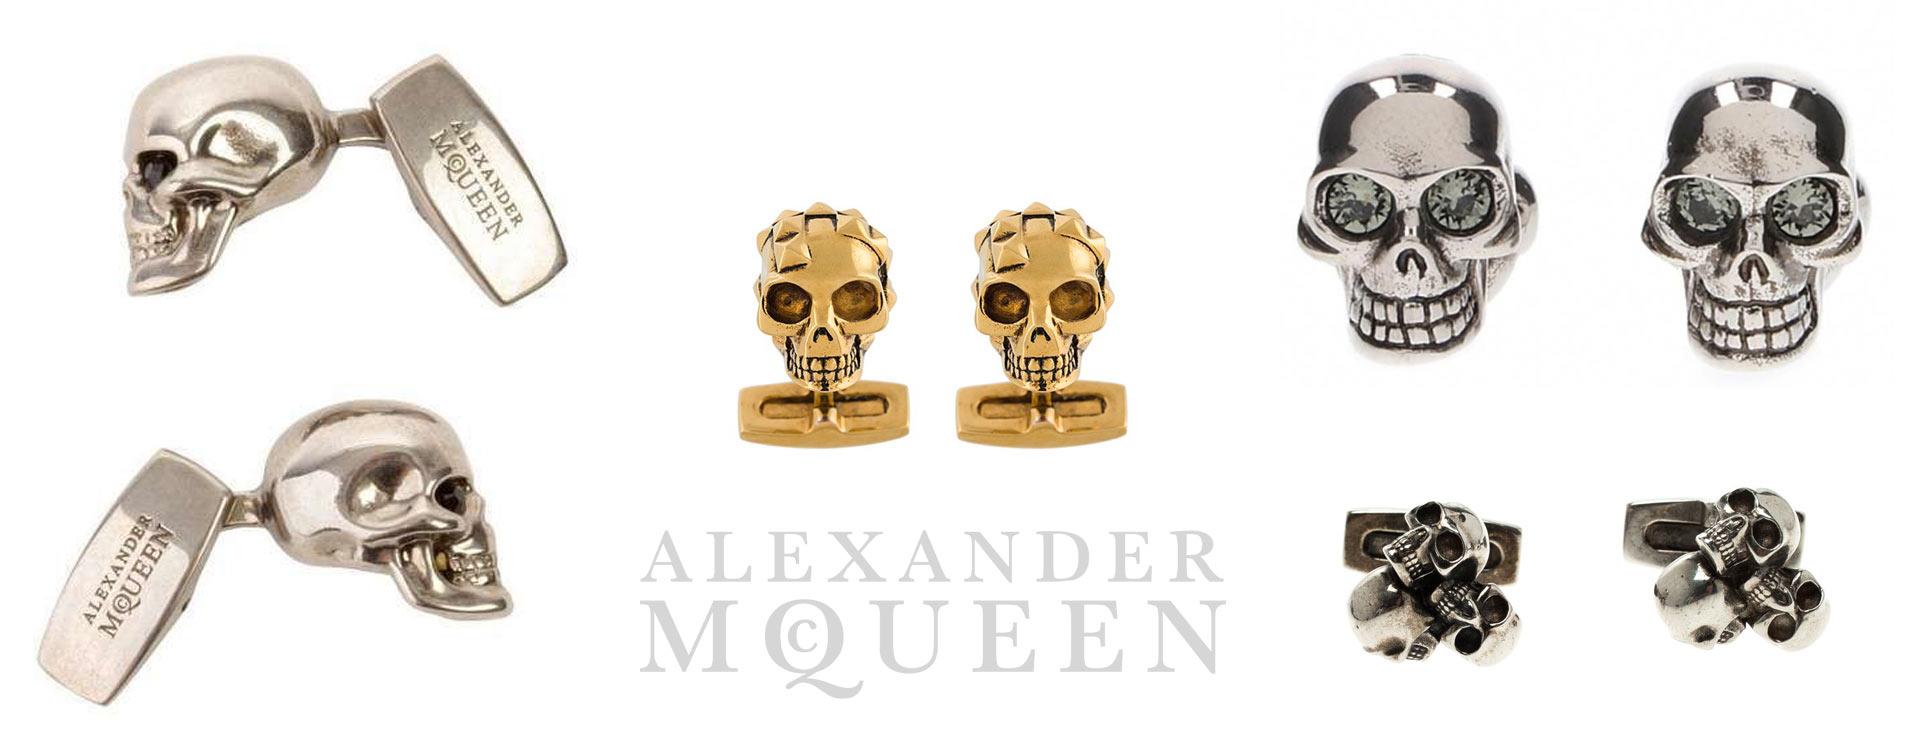 men's jewellery29 - برندهای لوکسی که موجب رونق جواهرات مردانه شده اند